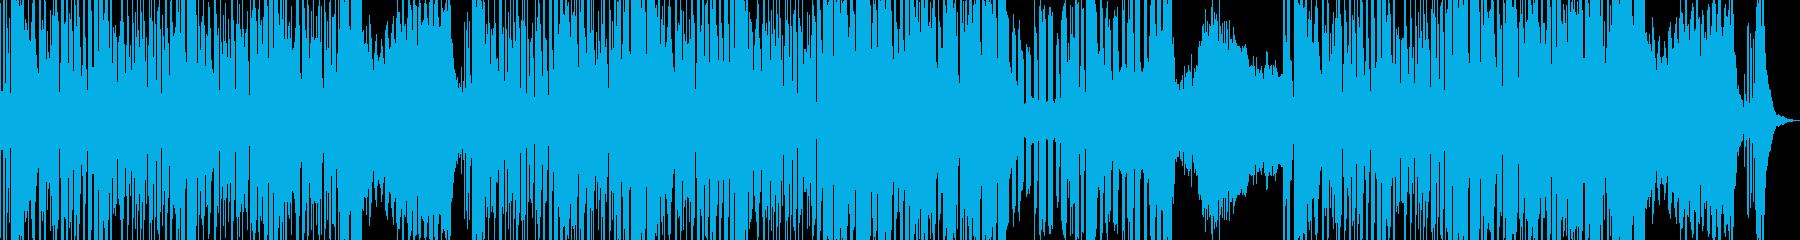 アーバンビートとオーケストラブレー...の再生済みの波形